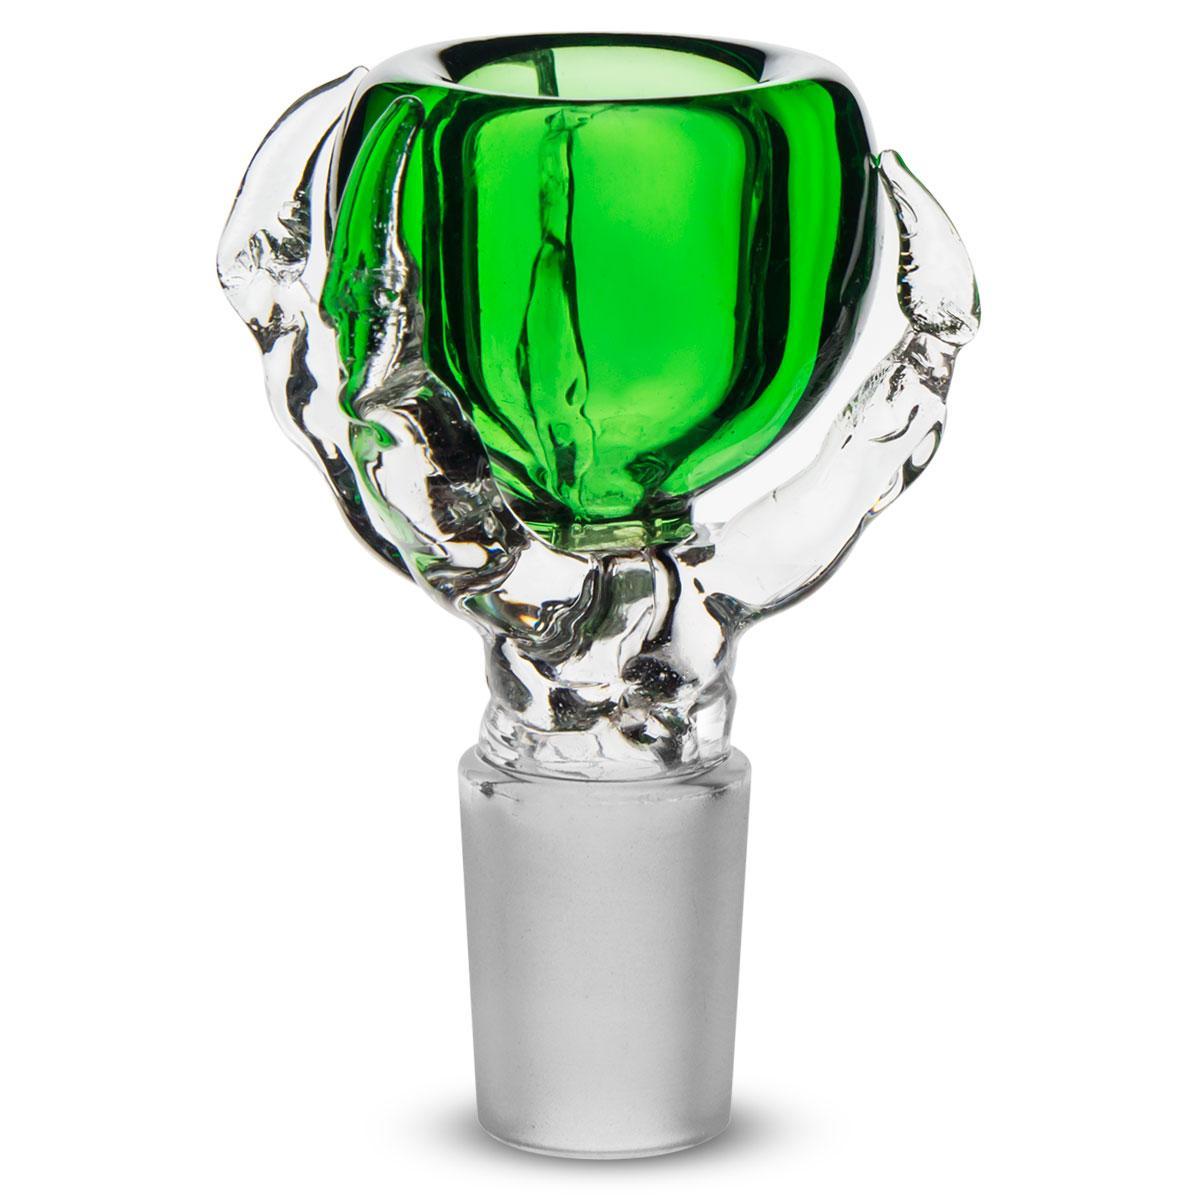 18 / 19mm Dragon Claw Design Glasschalen Glas Zubehör Viele Farben erhältlich 5 kostenlose Screens Kostenloser Versand